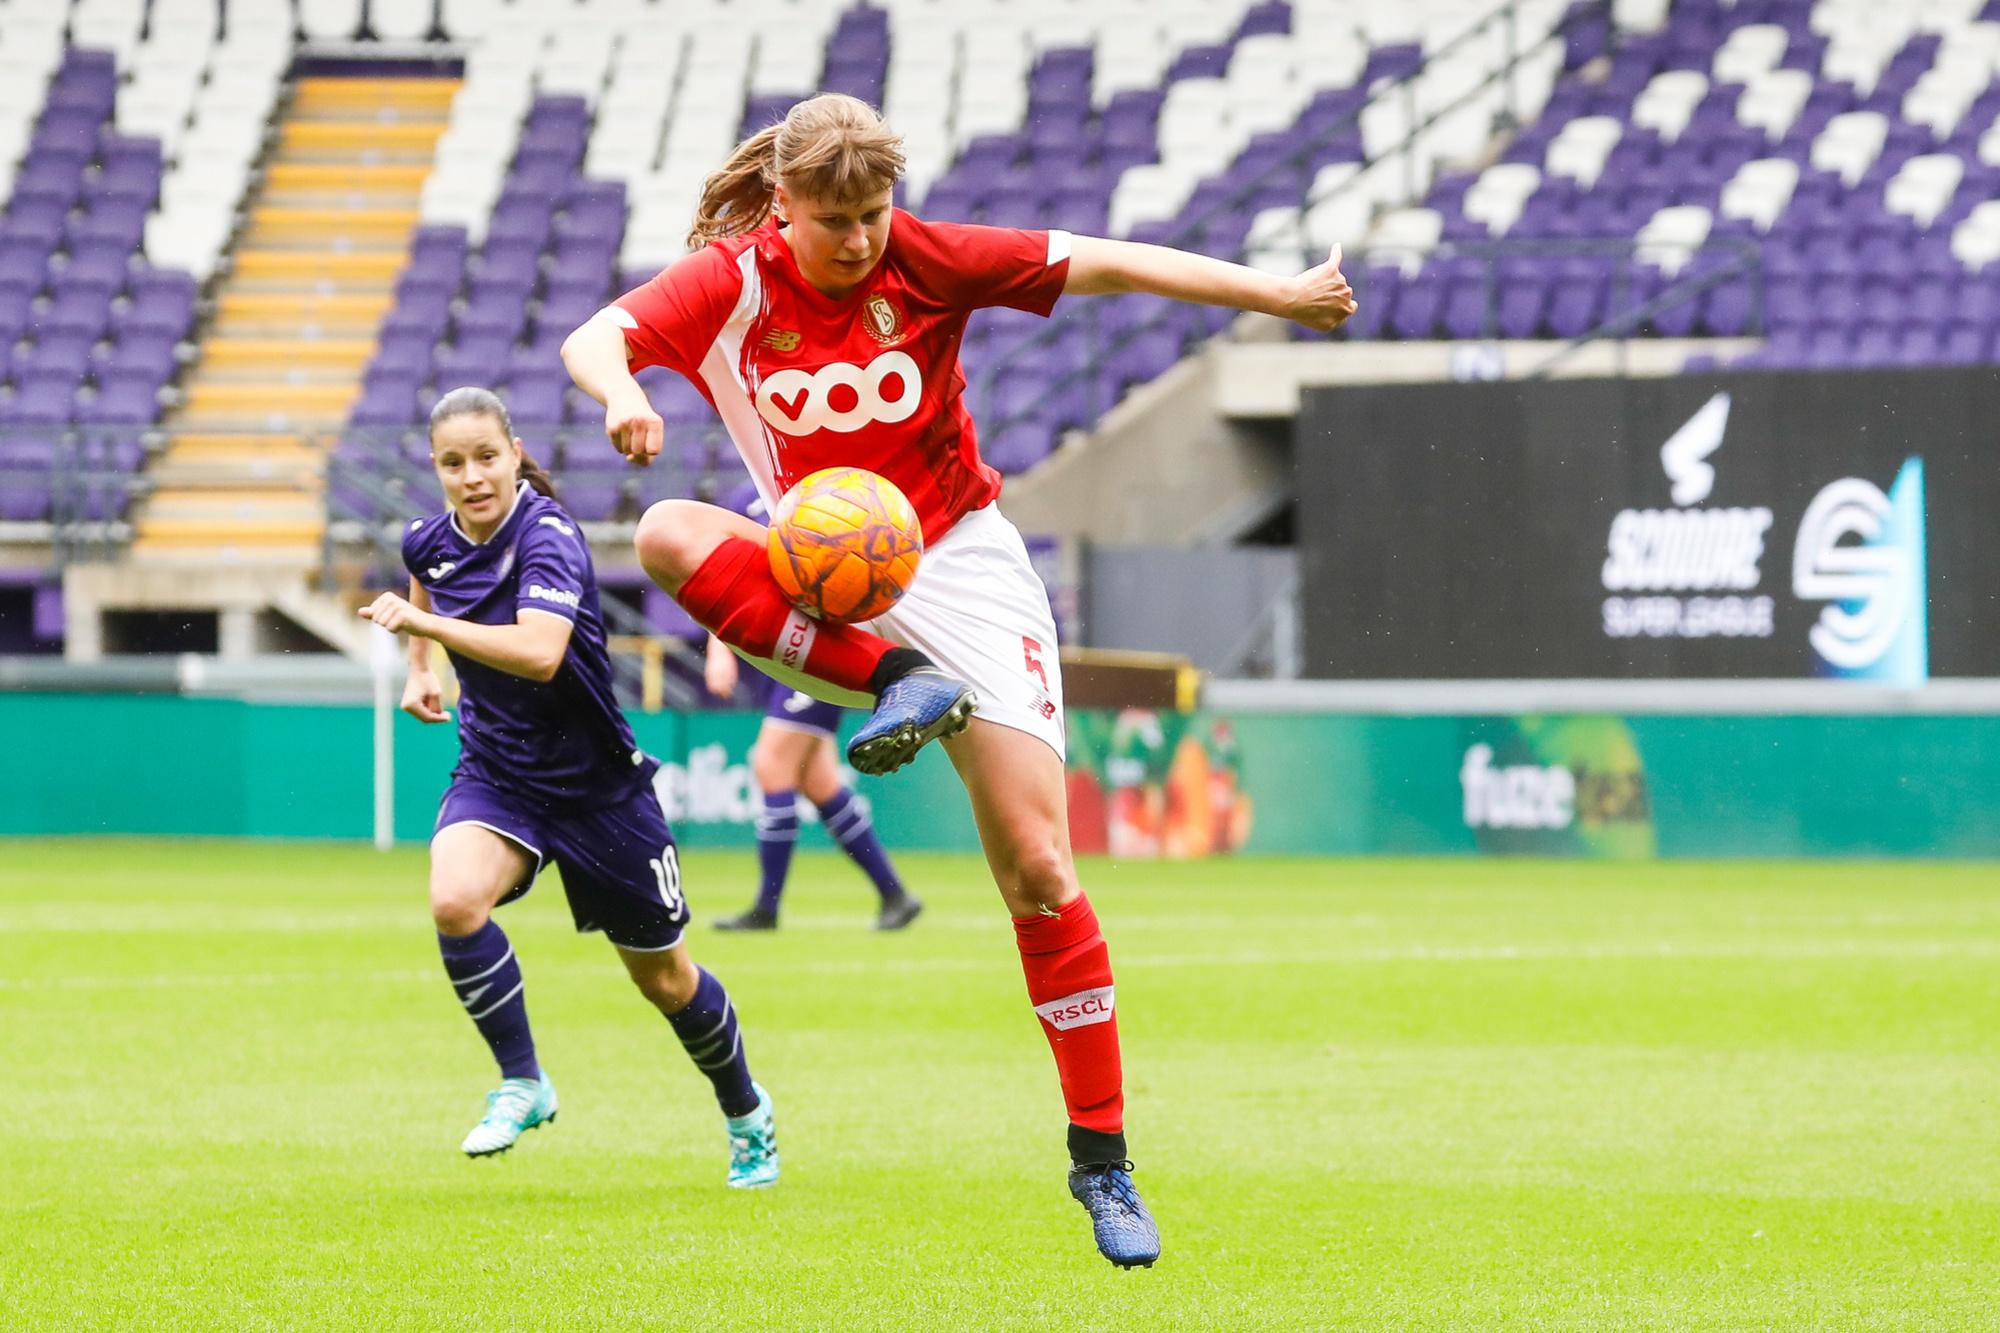 Le Standard s'est montré trop timide face à Anderlecht., BELGA (THIERRY ROGE)